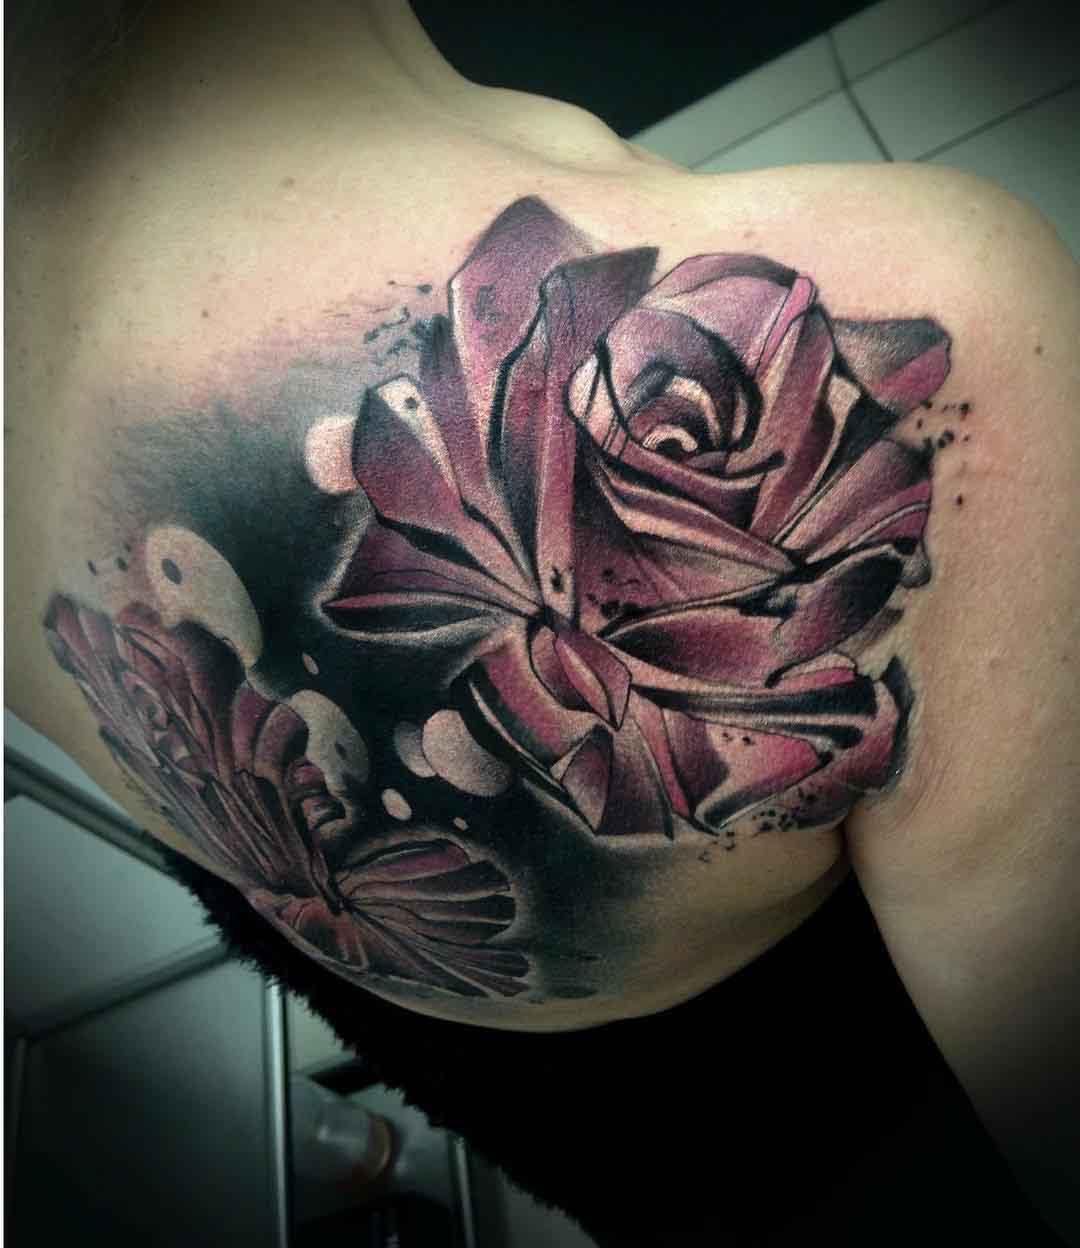 shoulder blade roses tattoo on girl